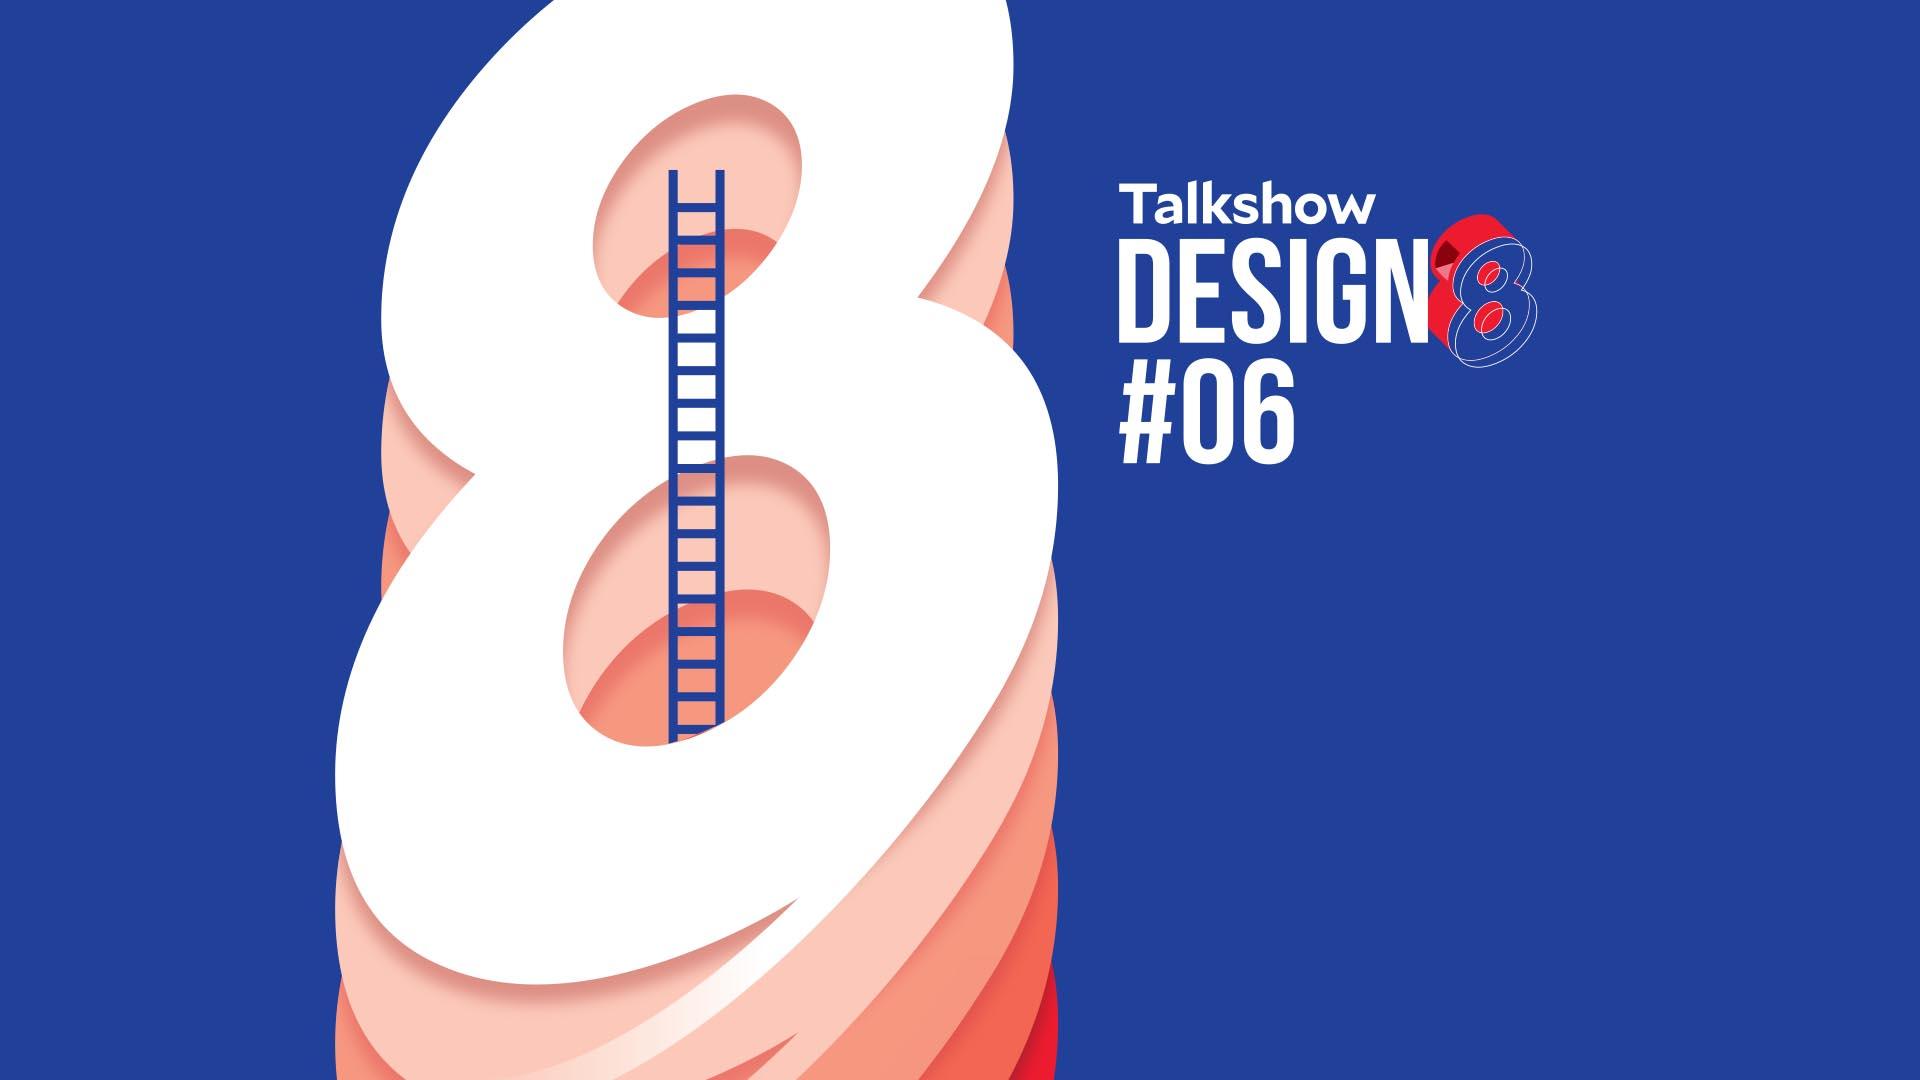 <h1>ĐỂ THÀNH CÔNG VỚI THIẾT KẾ</h1><p>Tám cùng Leo Dinh và khám phá thế giới Thiết kế</p>